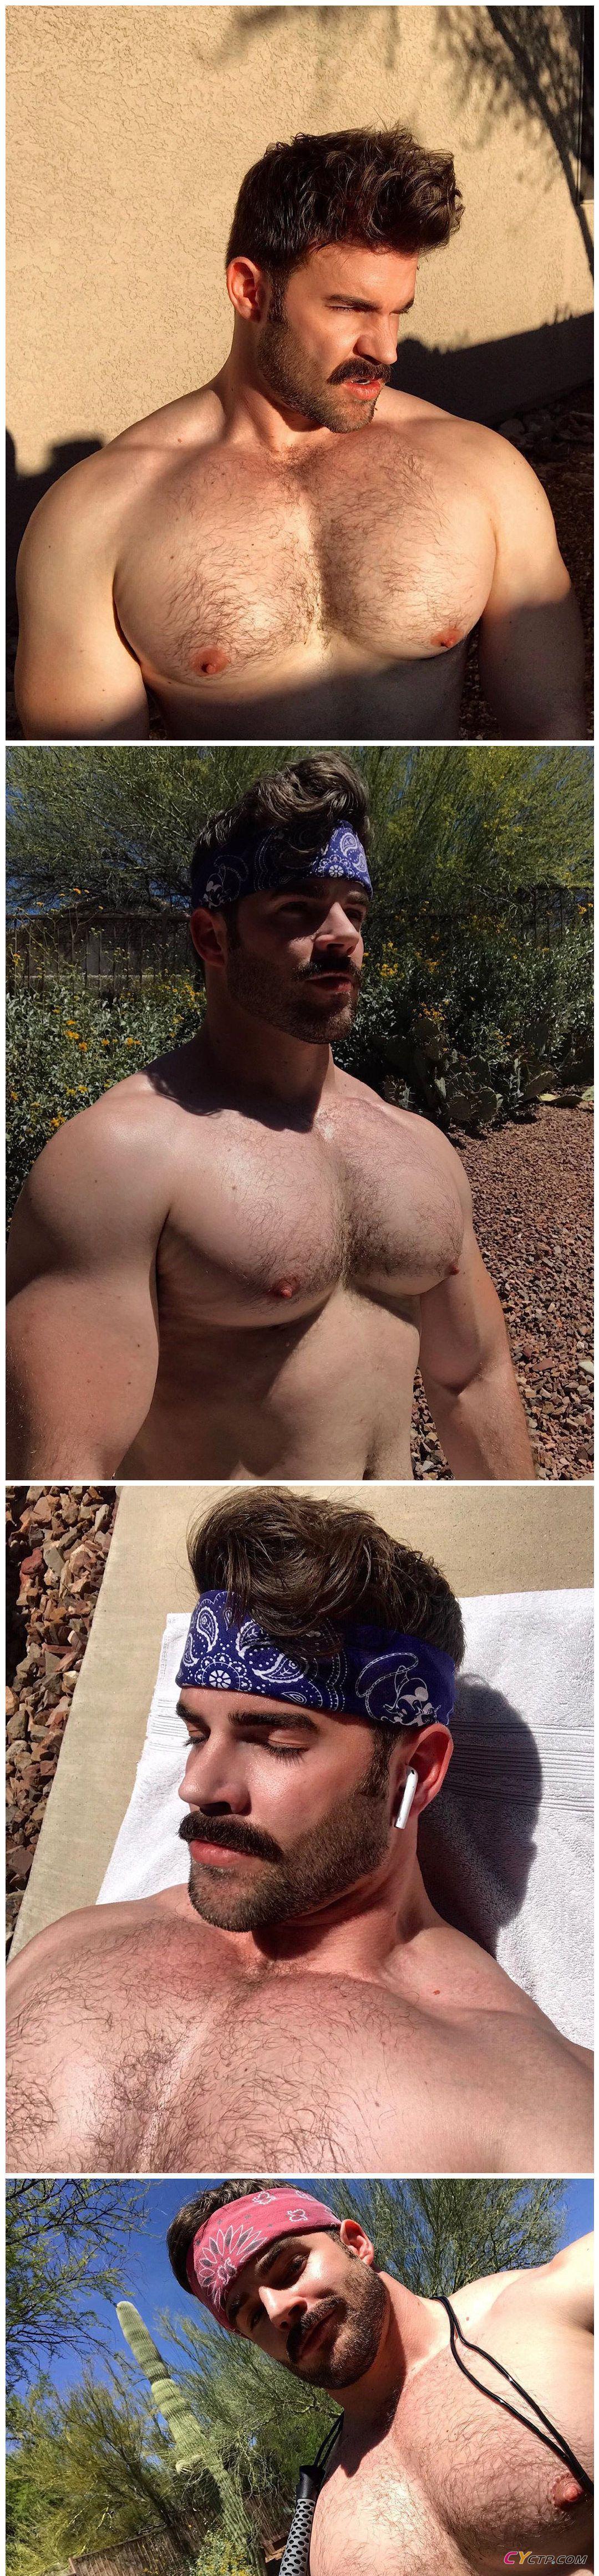 澳大利亚肌肉女装大佬ladybeard正常生活照片